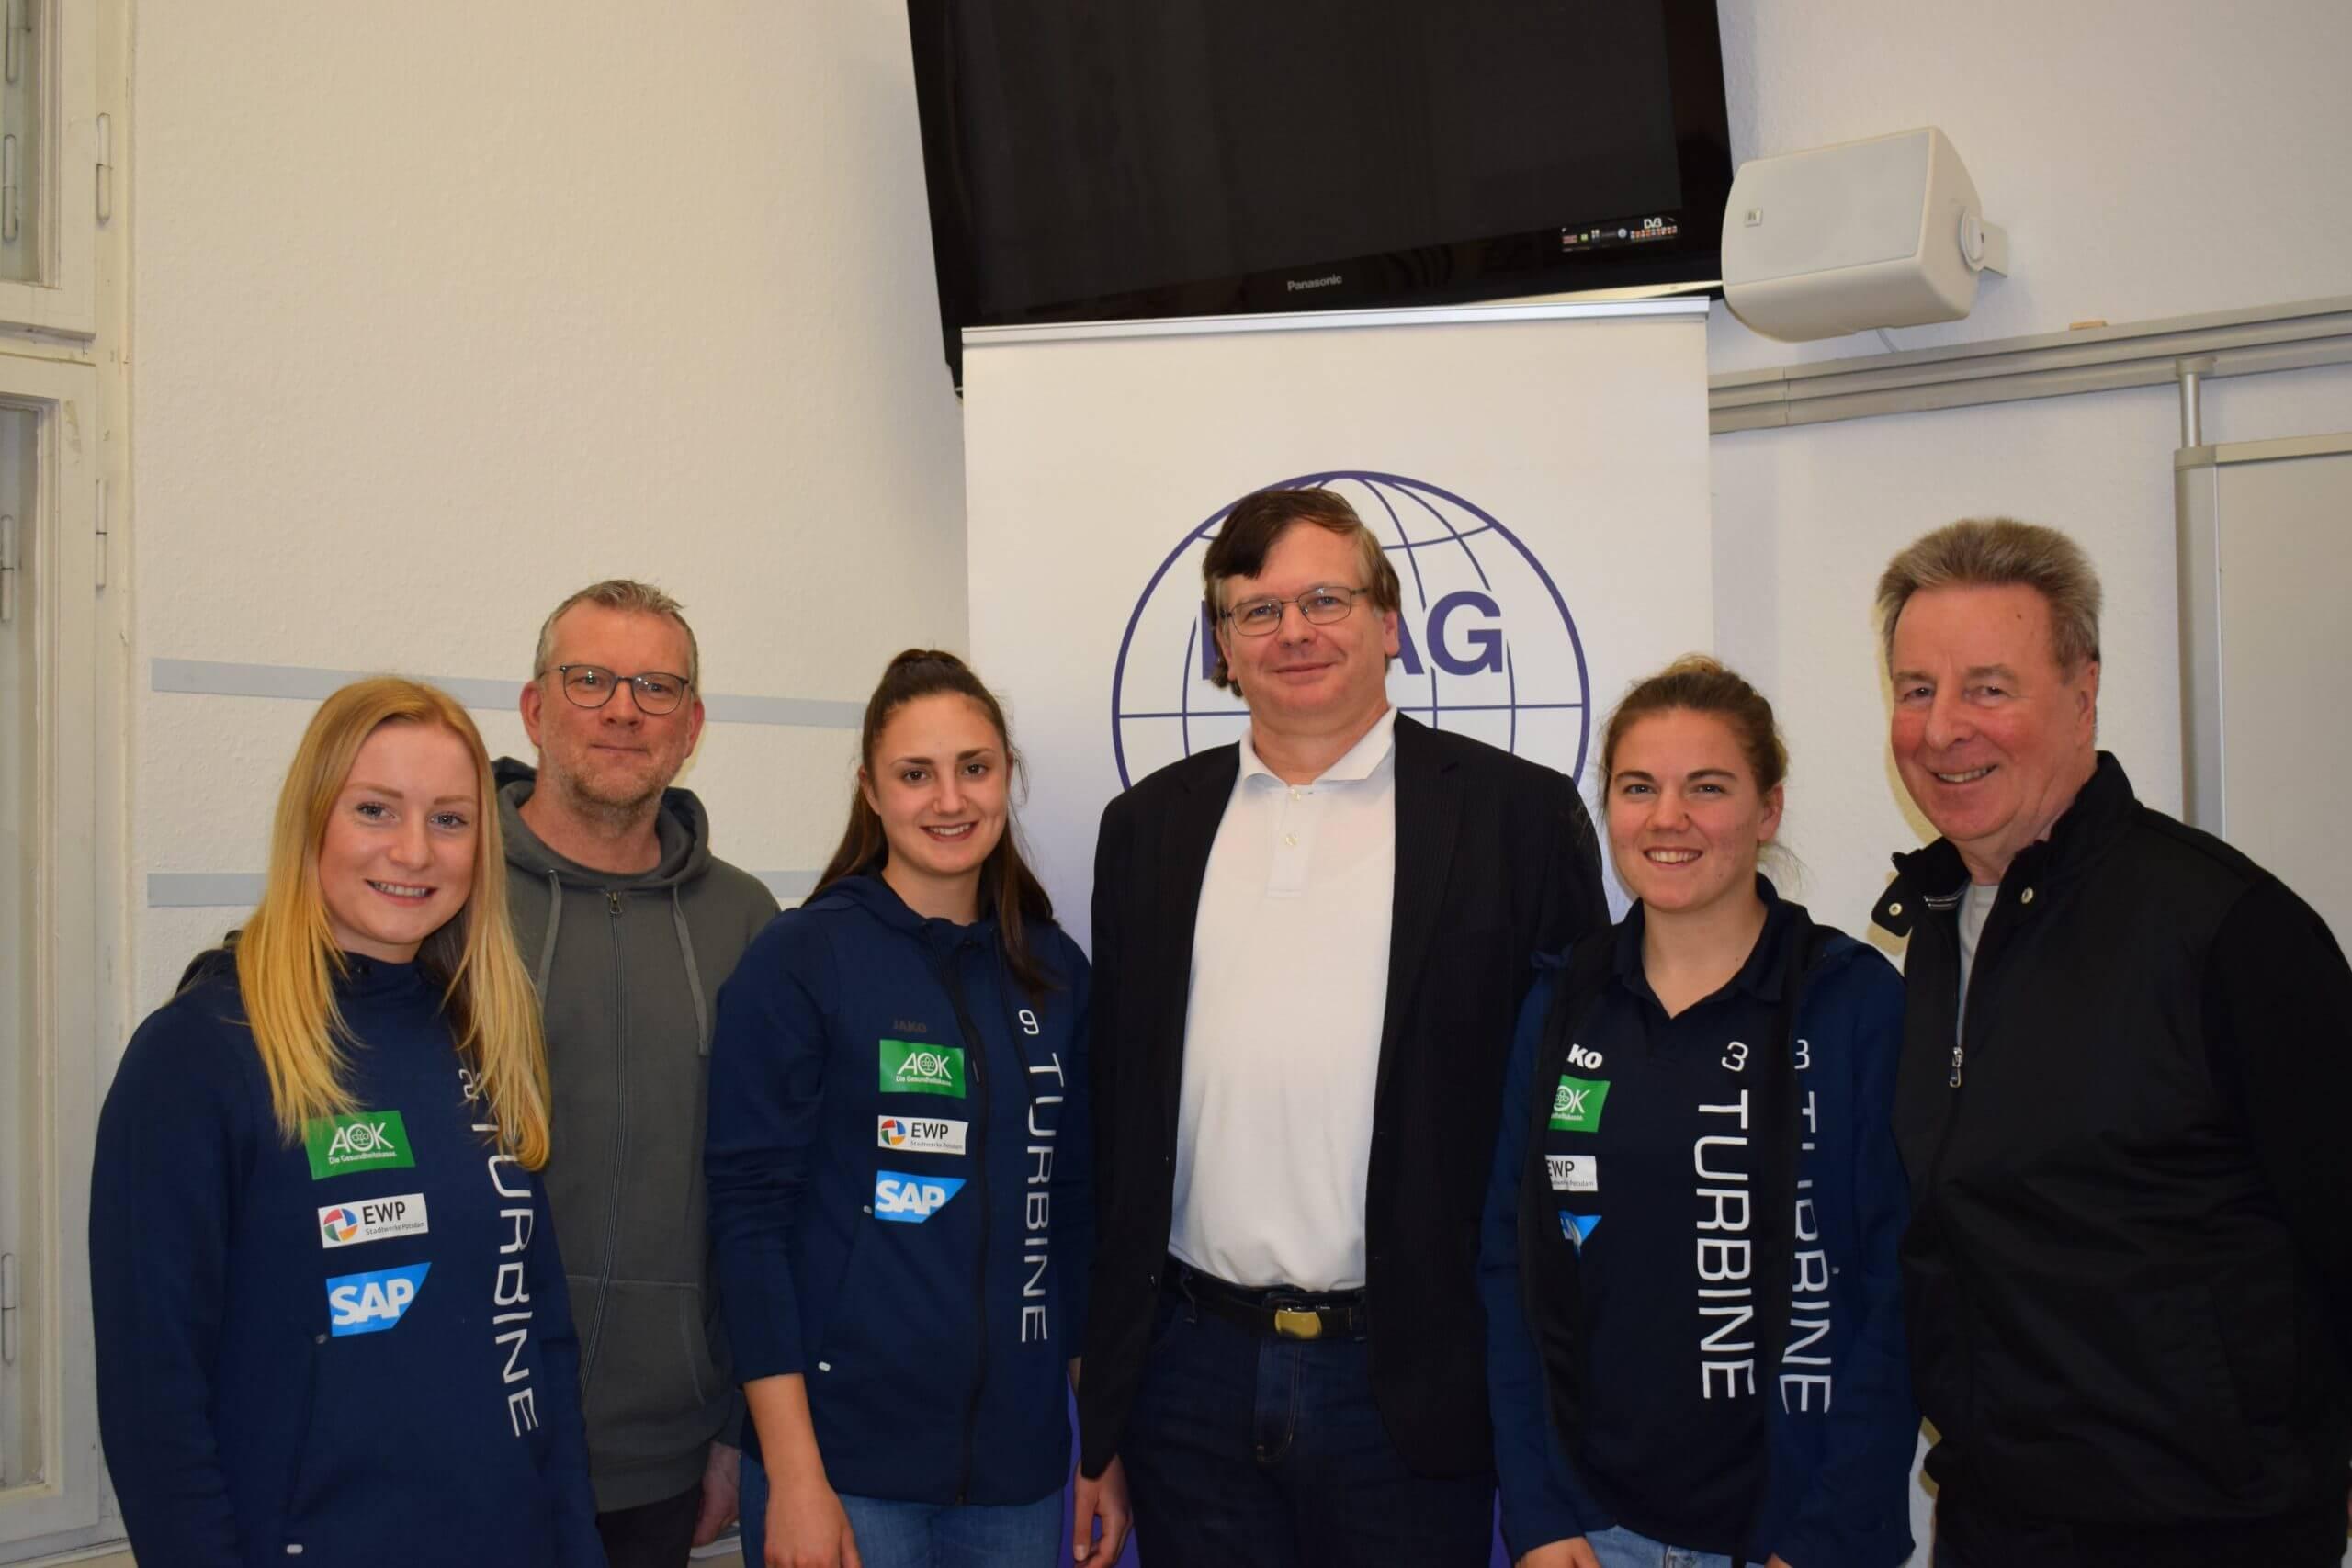 Foto Anna Gerhardt, Dirk Heinrichs, Adrijana Mori, Kilian Kindelberger, Rieke Dieckmann und Rolf Kutzmutz